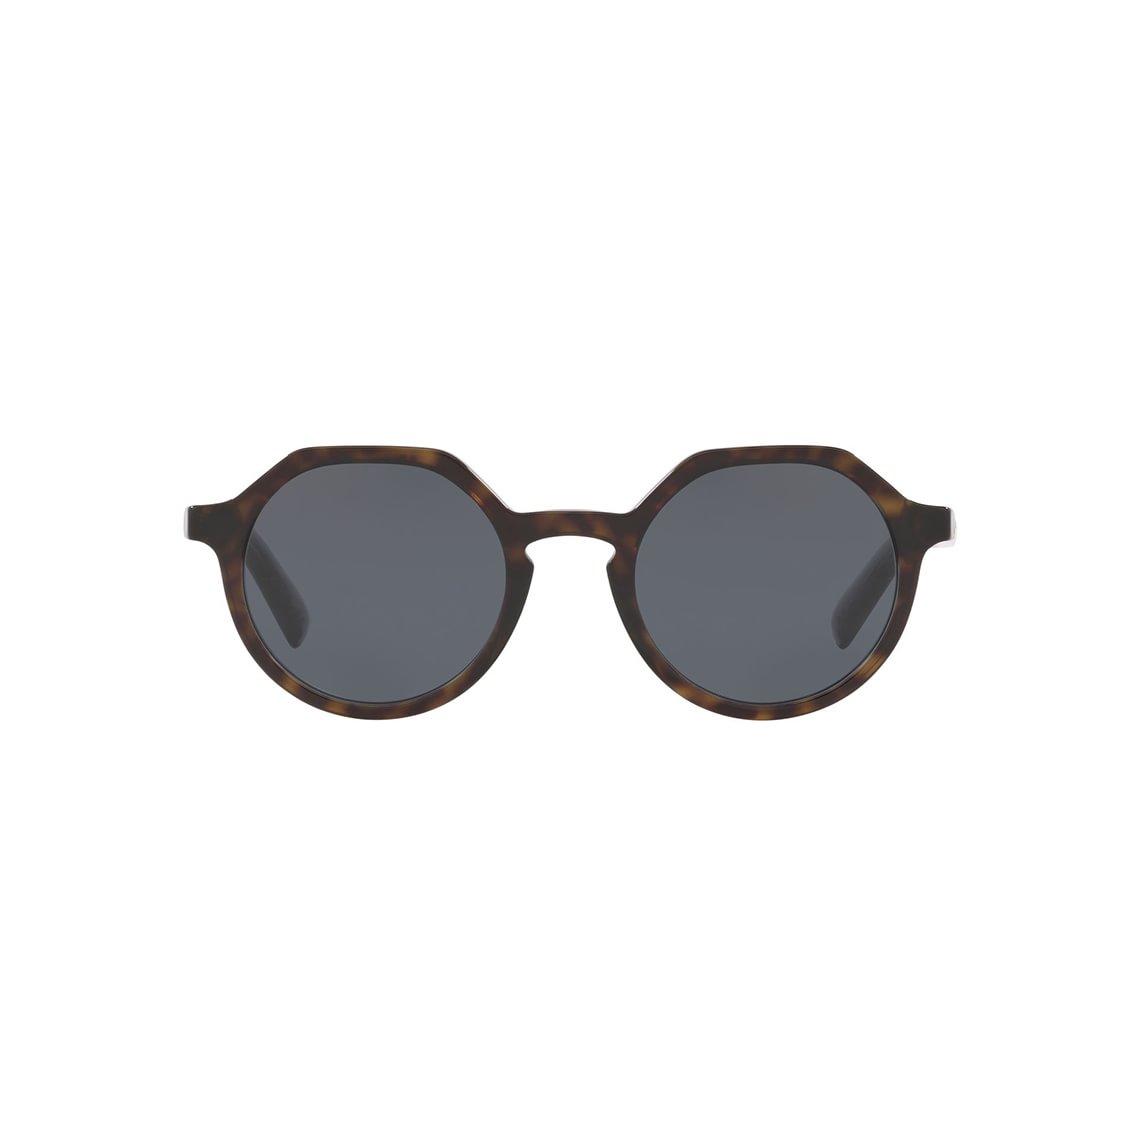 Dolce & Gabbana 0DG4353 50 320980